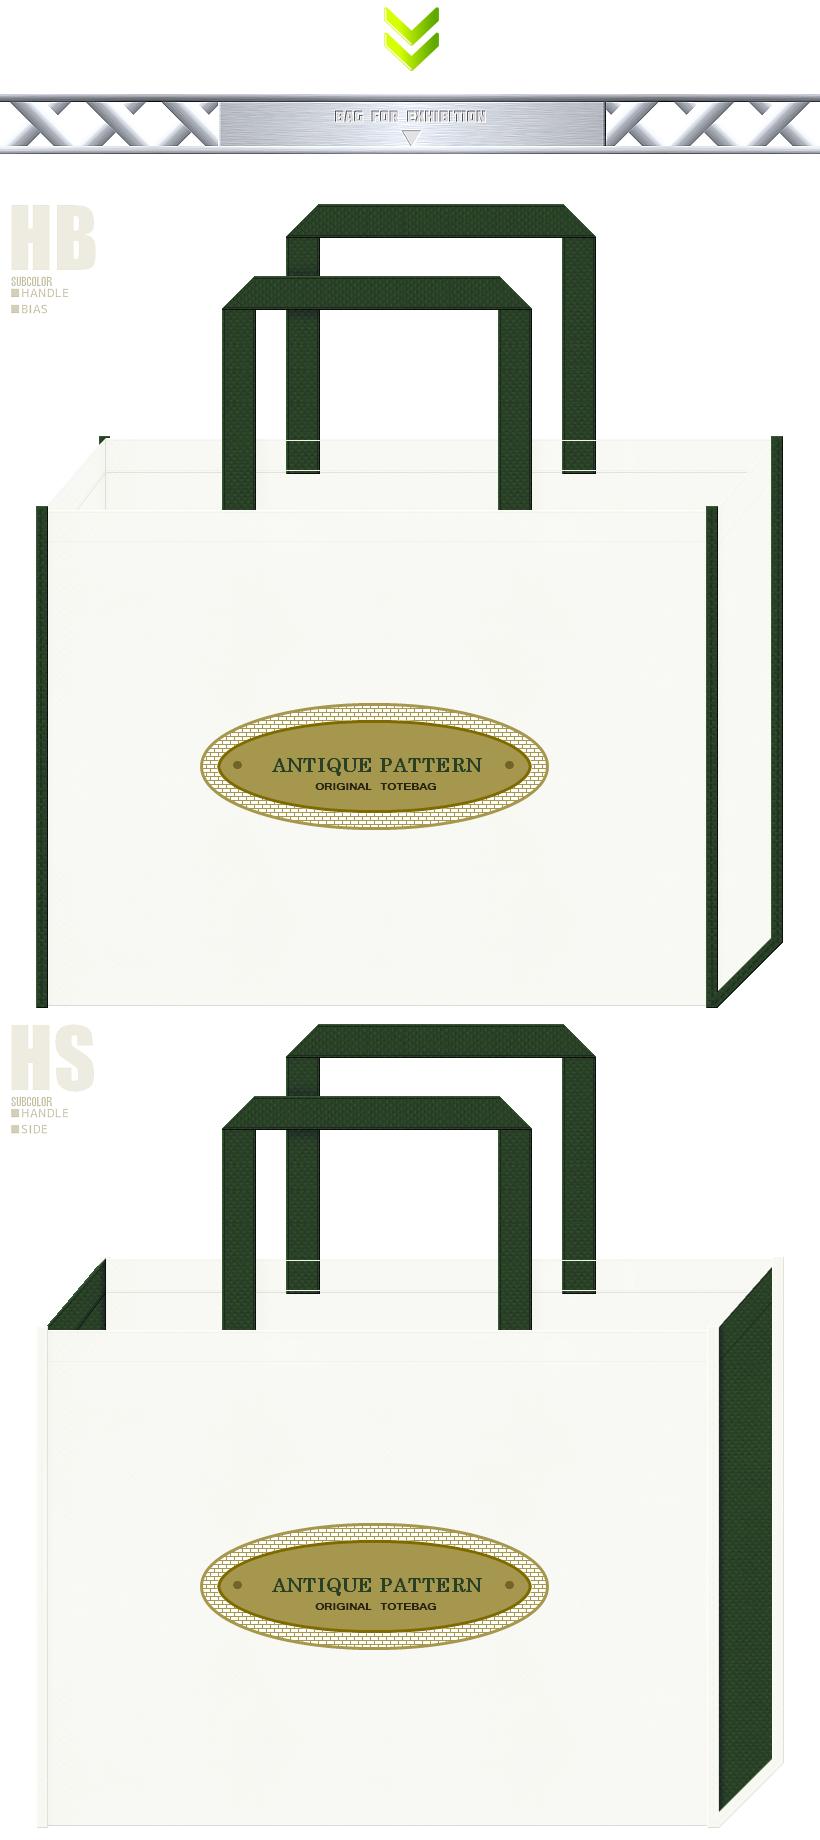 展示会用バッグのデザイン:アンティーク柄が似合う、オフホワイト色と濃緑色の不織布バッグ